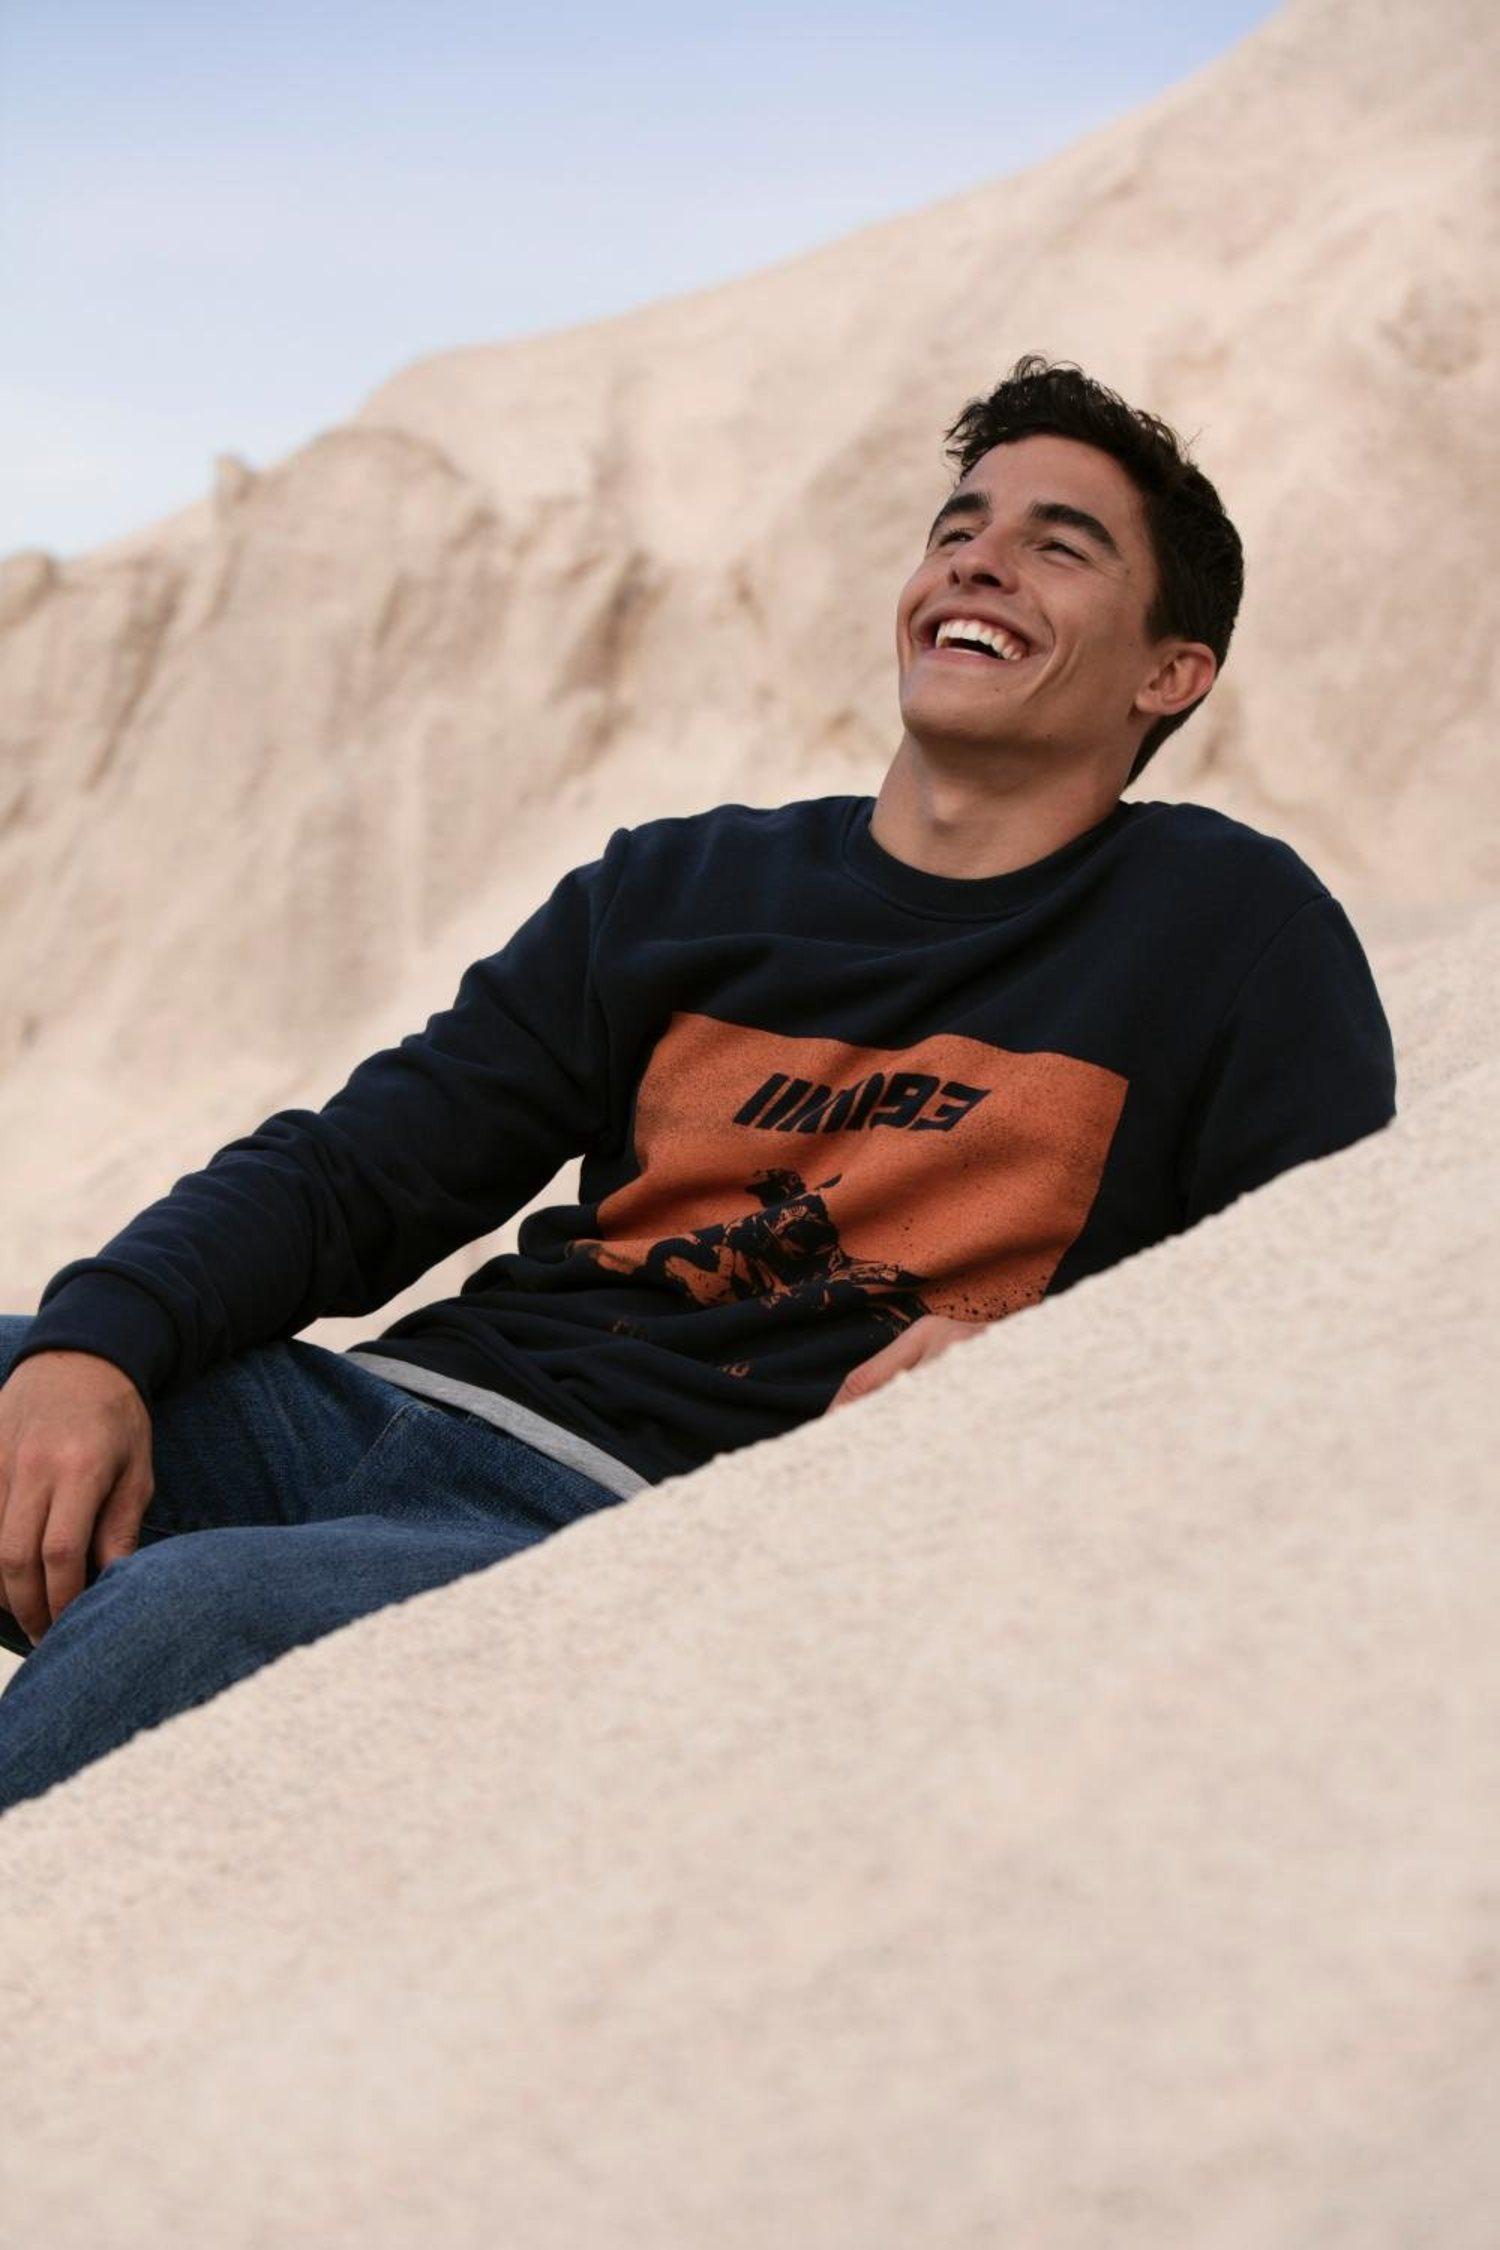 Marc Márquez en una imagen promocional de su marca de ropa.